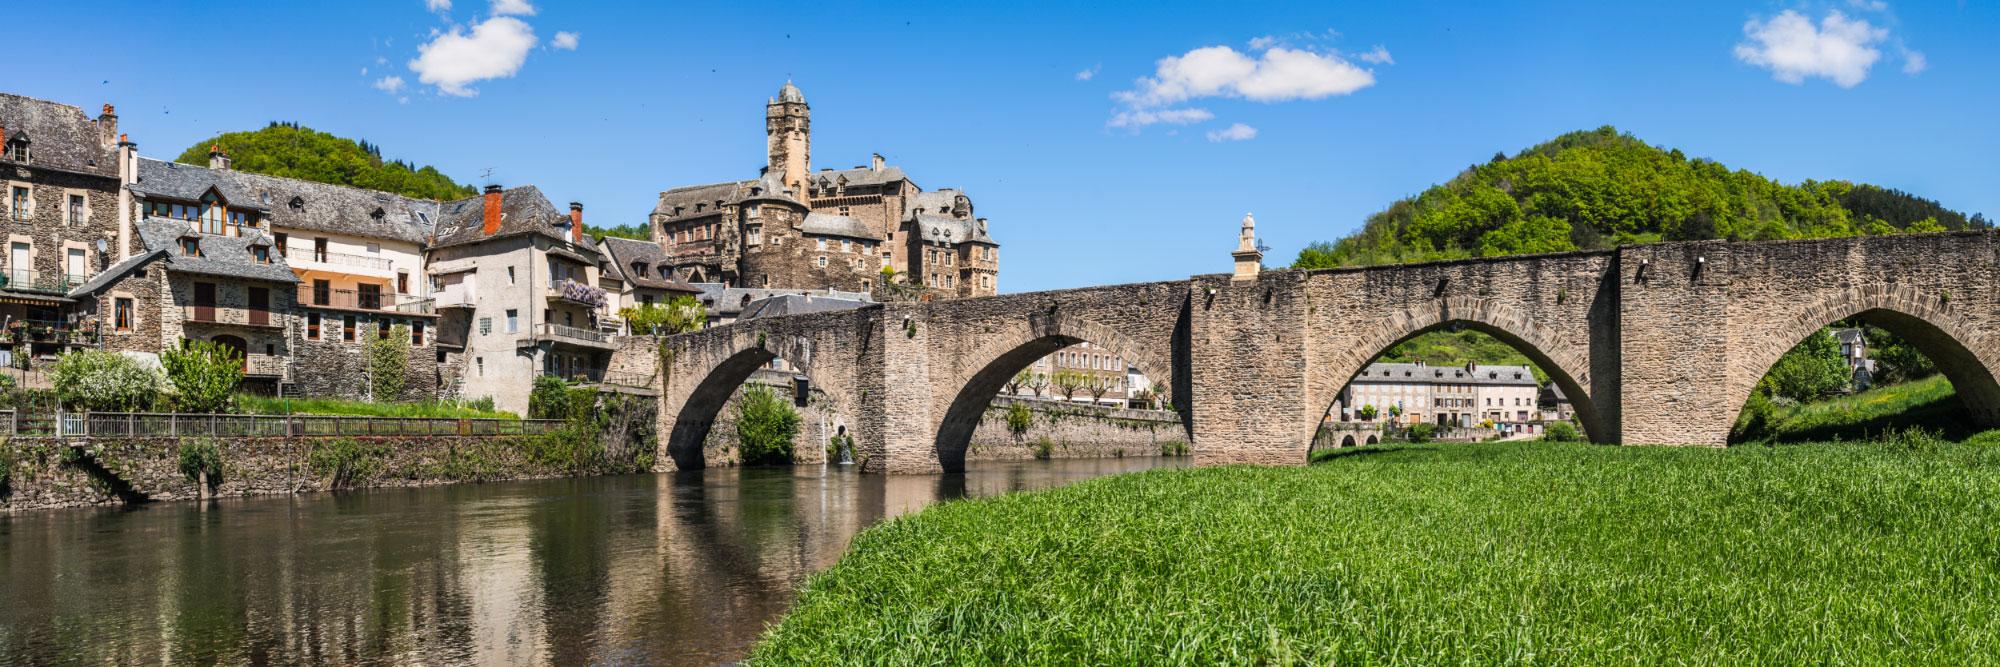 Le château et le pont gothique d'Estaing sur le Lot, Rouergue